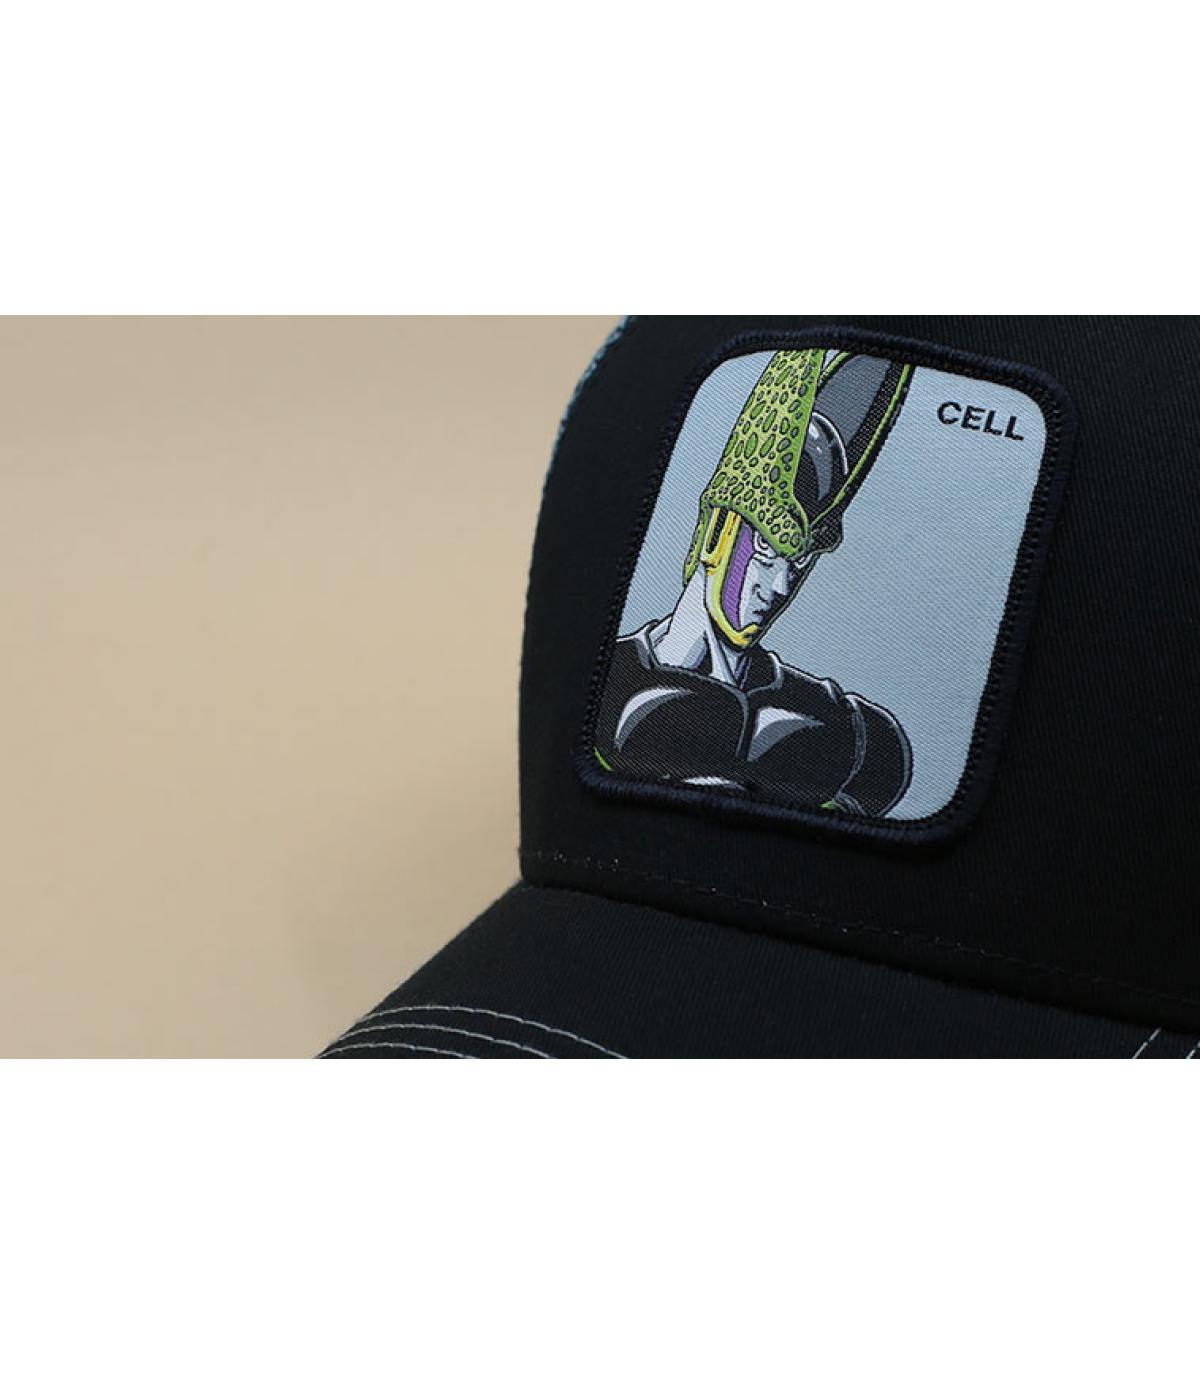 Détails Trucker DBZ Cell - image 3